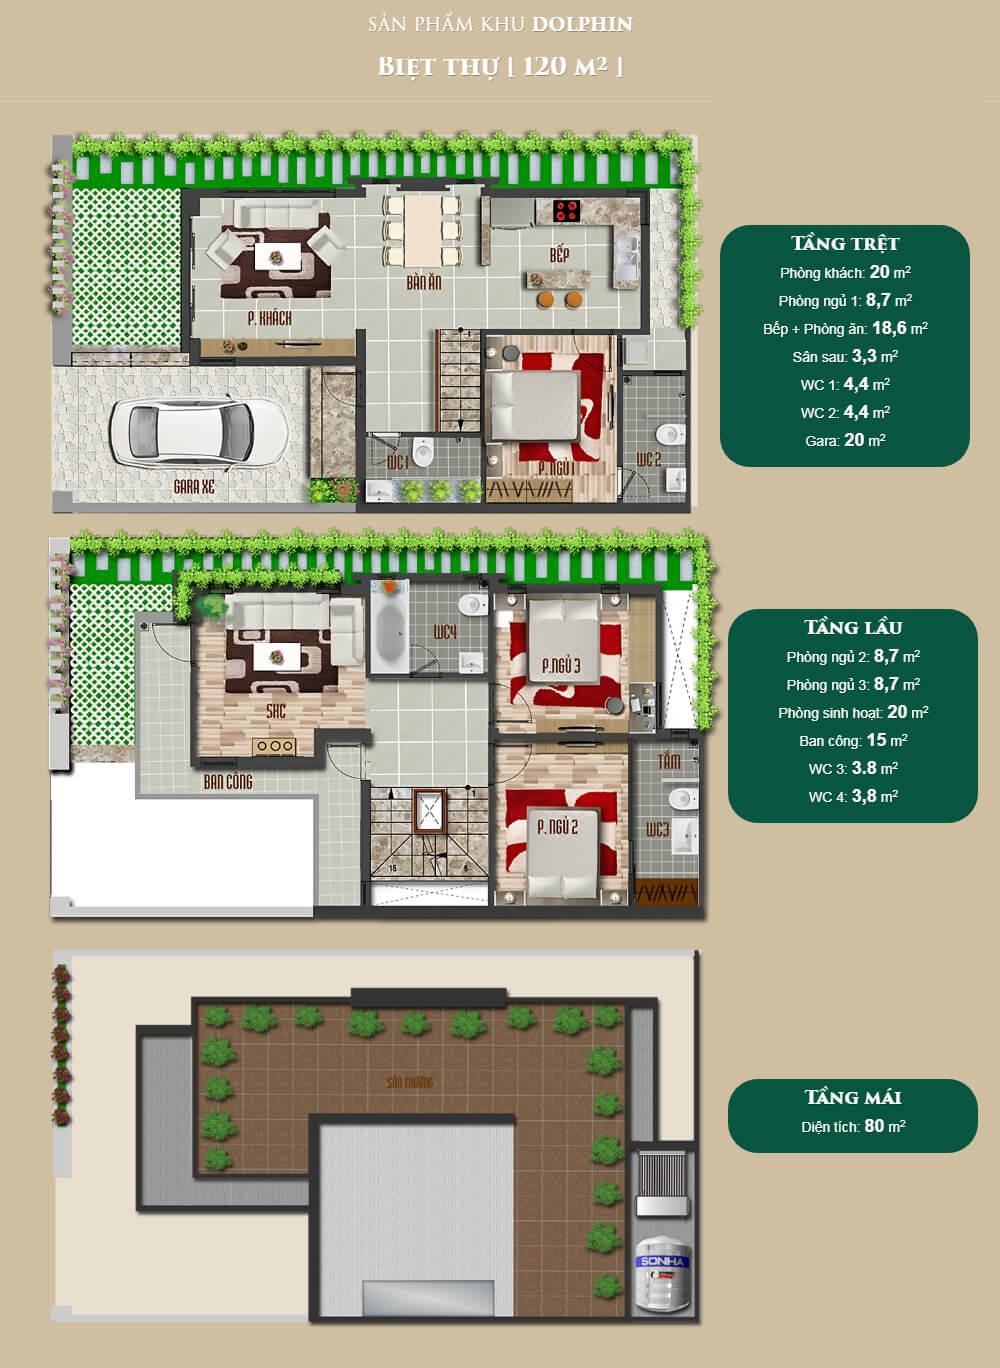 Thiết kế biệt thự tiêu chuẩn tại dự án đô thị Bella Villa